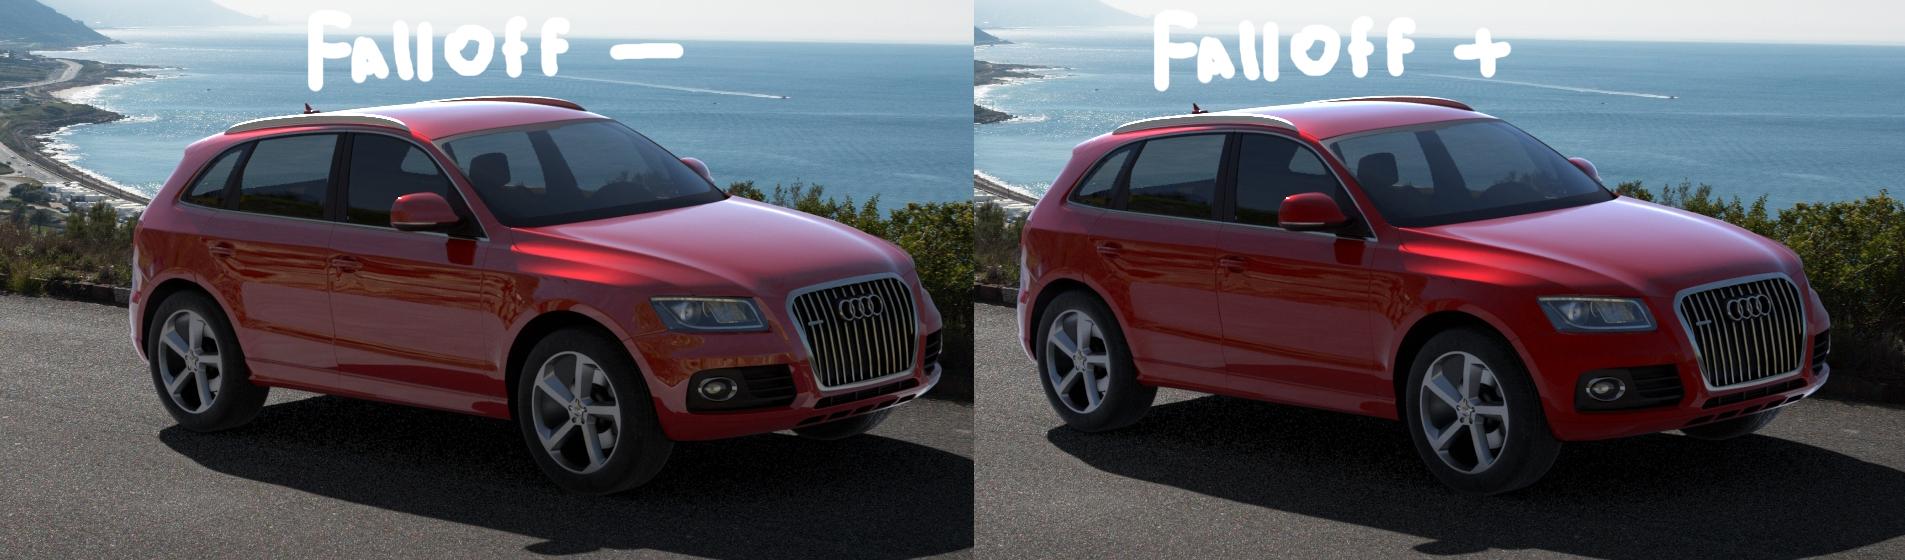 Audi_Q5_falloff.jpg